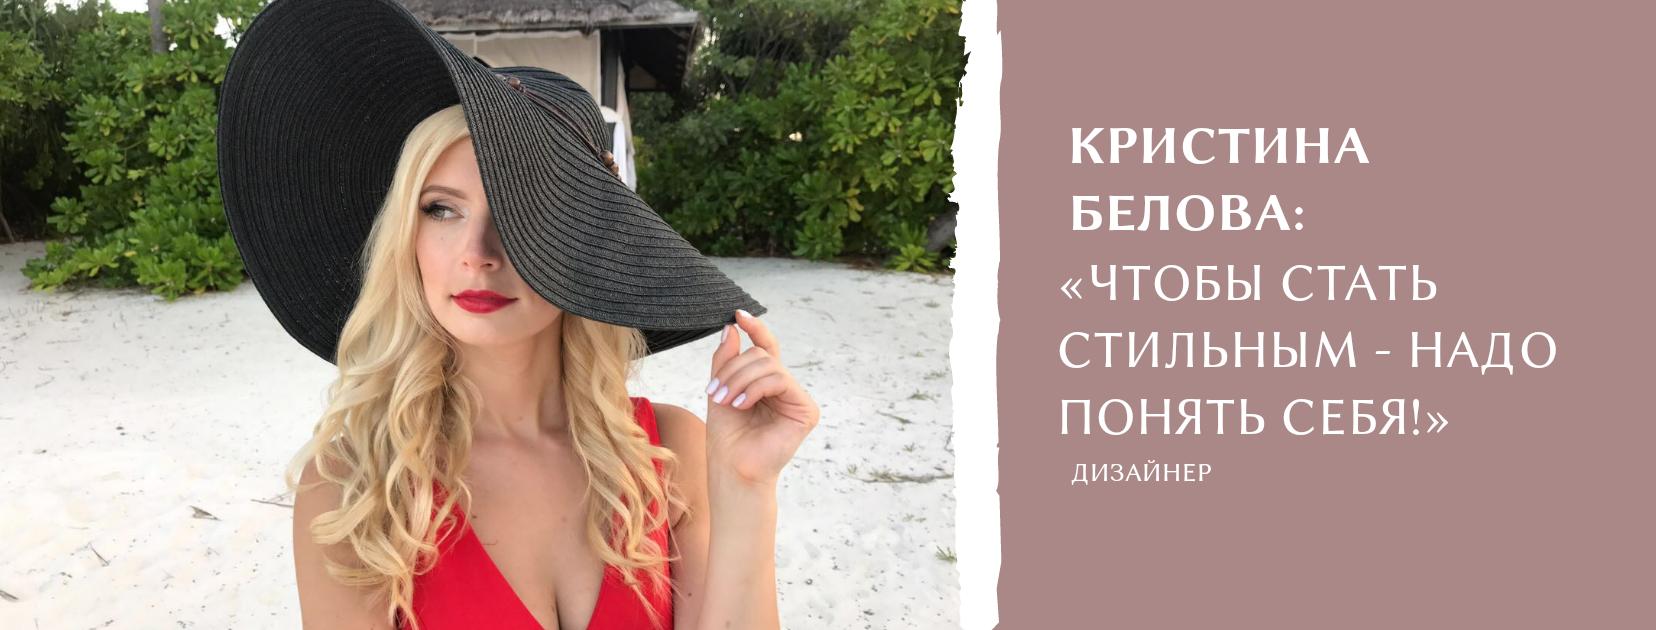 Дизайнер Кристина Белова: «Чтобы стать стильным – надо понять себя!» в ТК ЭКОПОЛИС premium